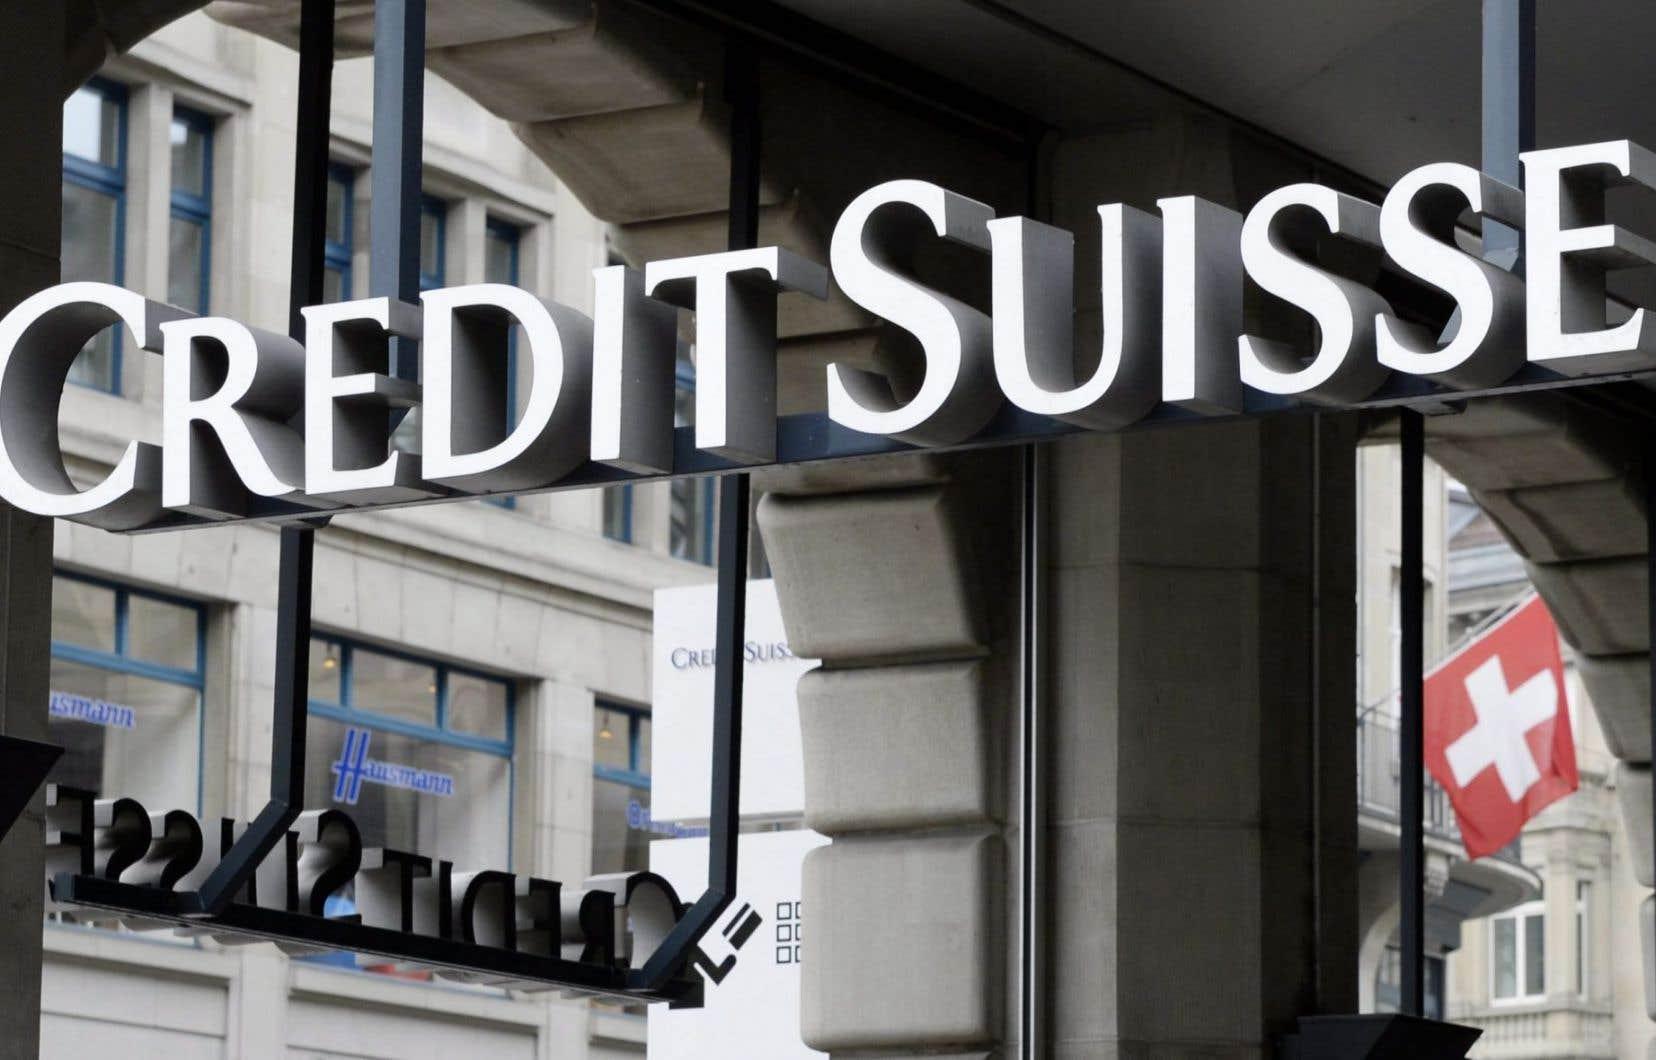 Des perquisitions ont été menées par des agents du fisc en Europe et Australie dans une vaste enquête de fraude fiscale visant notamment des clients de la banque Crédit Suisse.